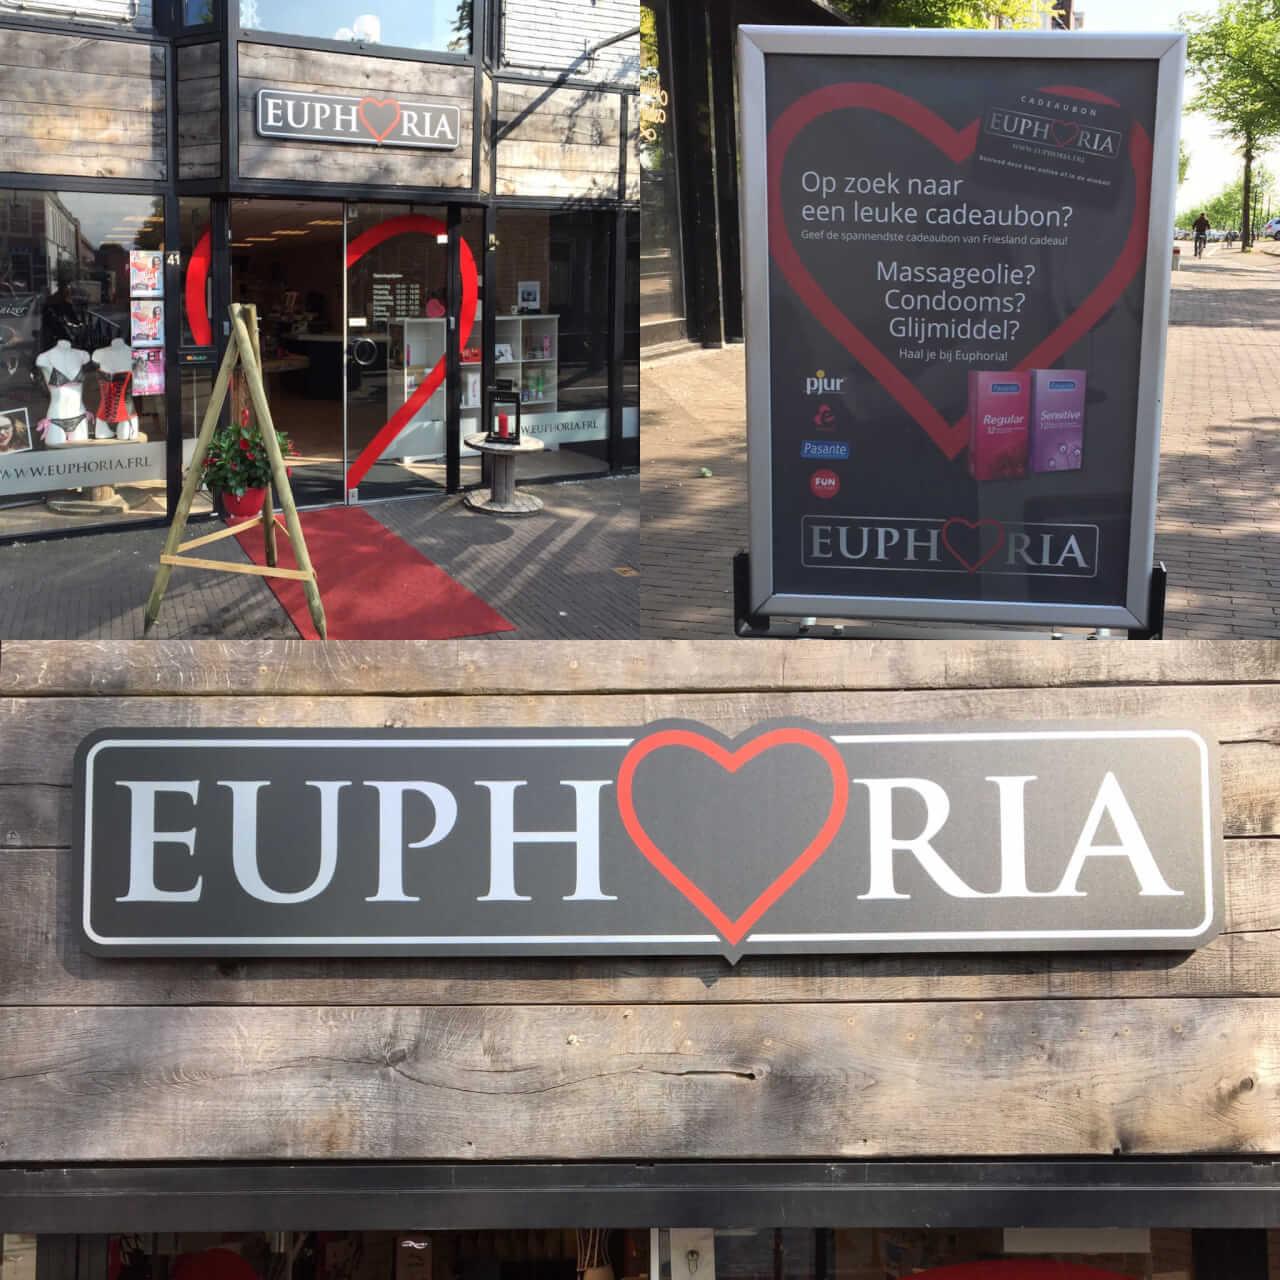 Euphoria Heerenveen 2016 - toen nog aan de Lingracht 41. (Nu 43)